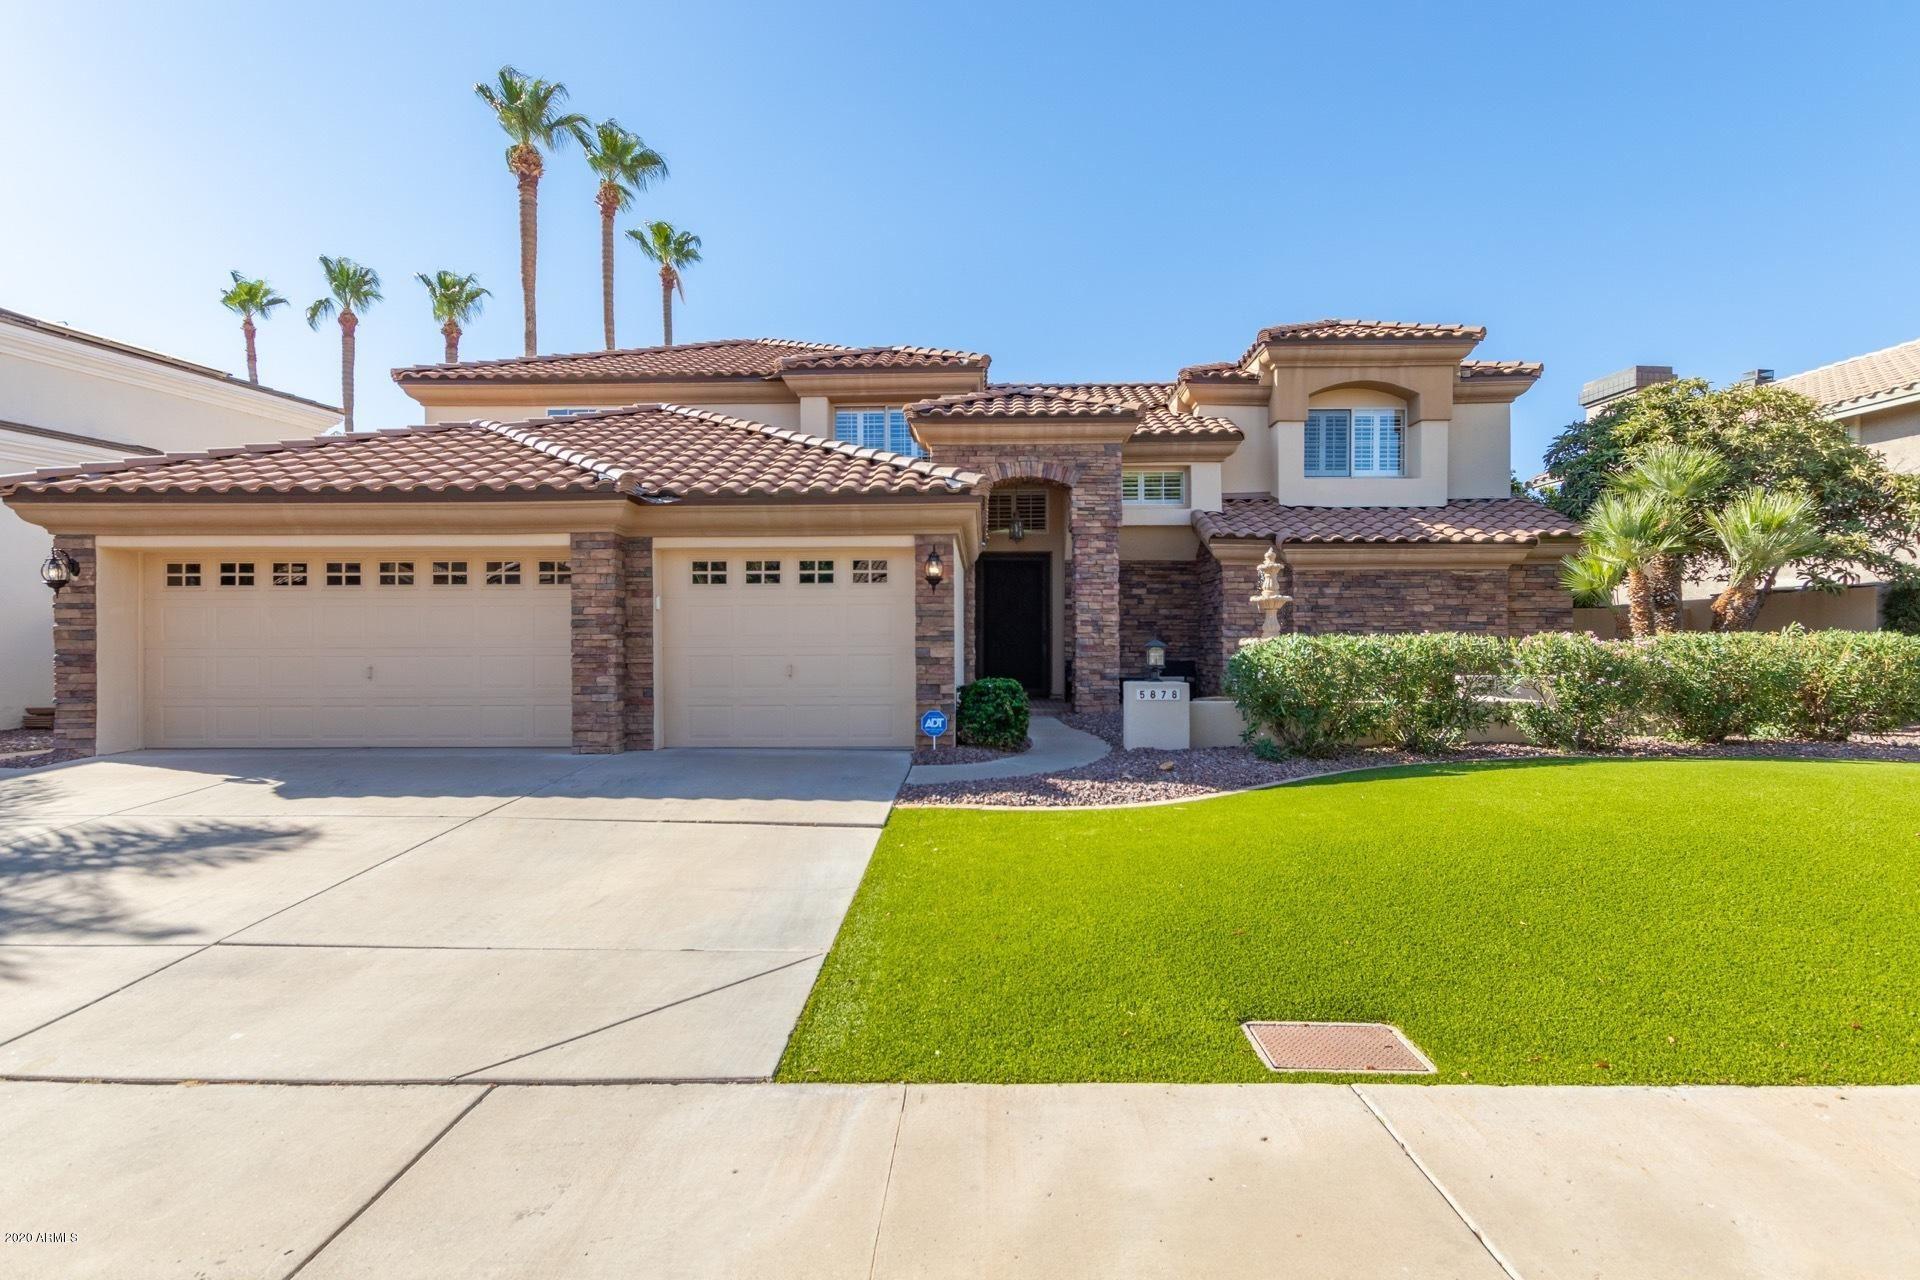 5878 W DEL LAGO Circle, Glendale, AZ 85308 - #: 6097837